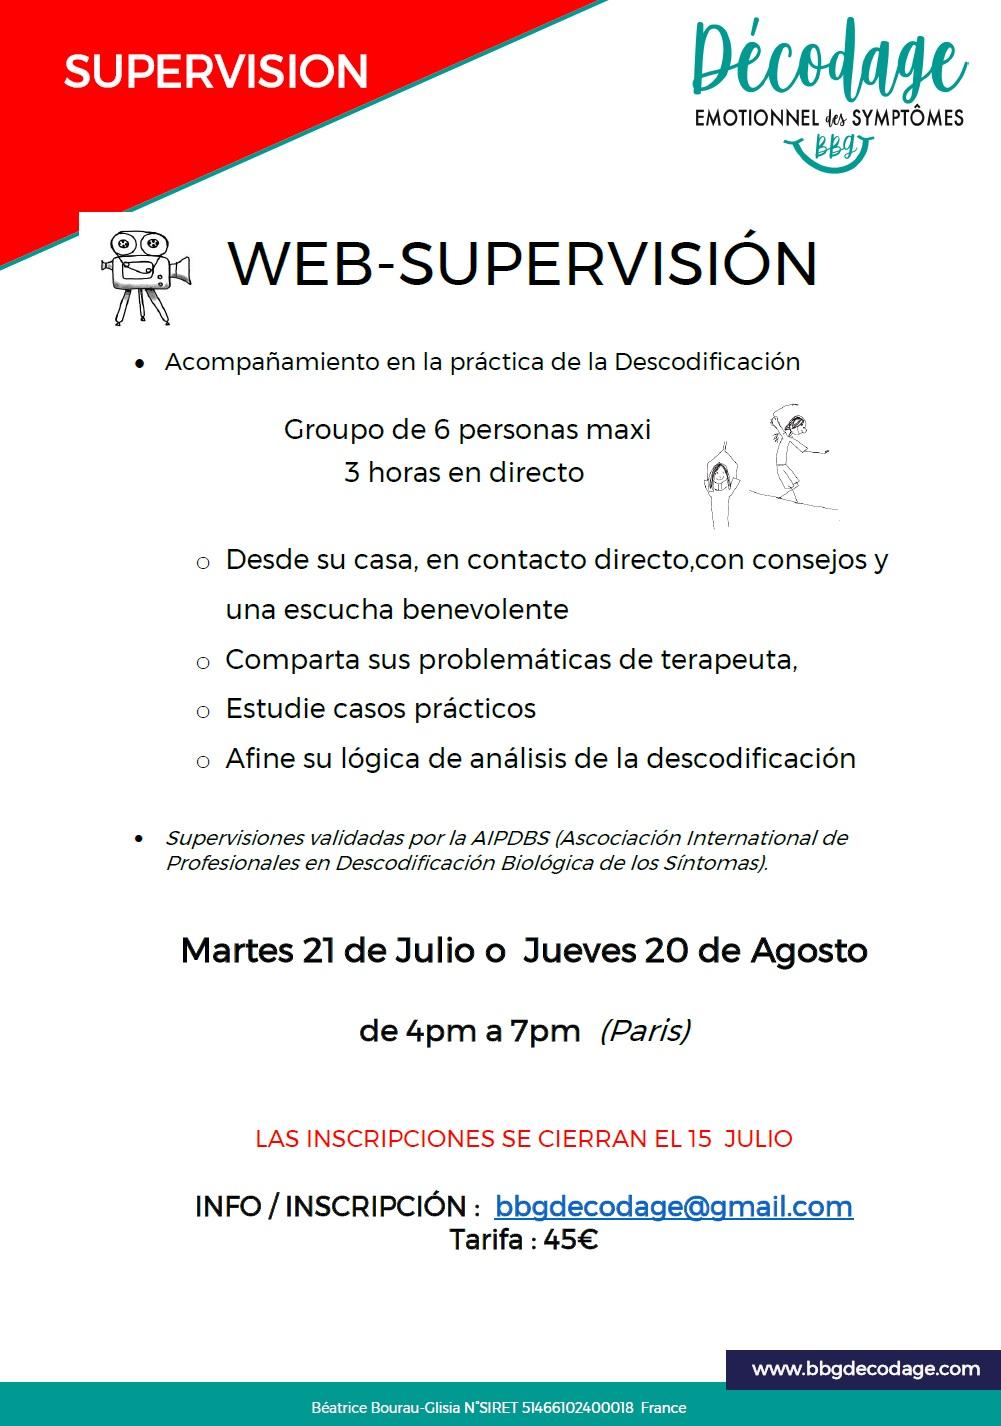 Supervision descodificacion biologica